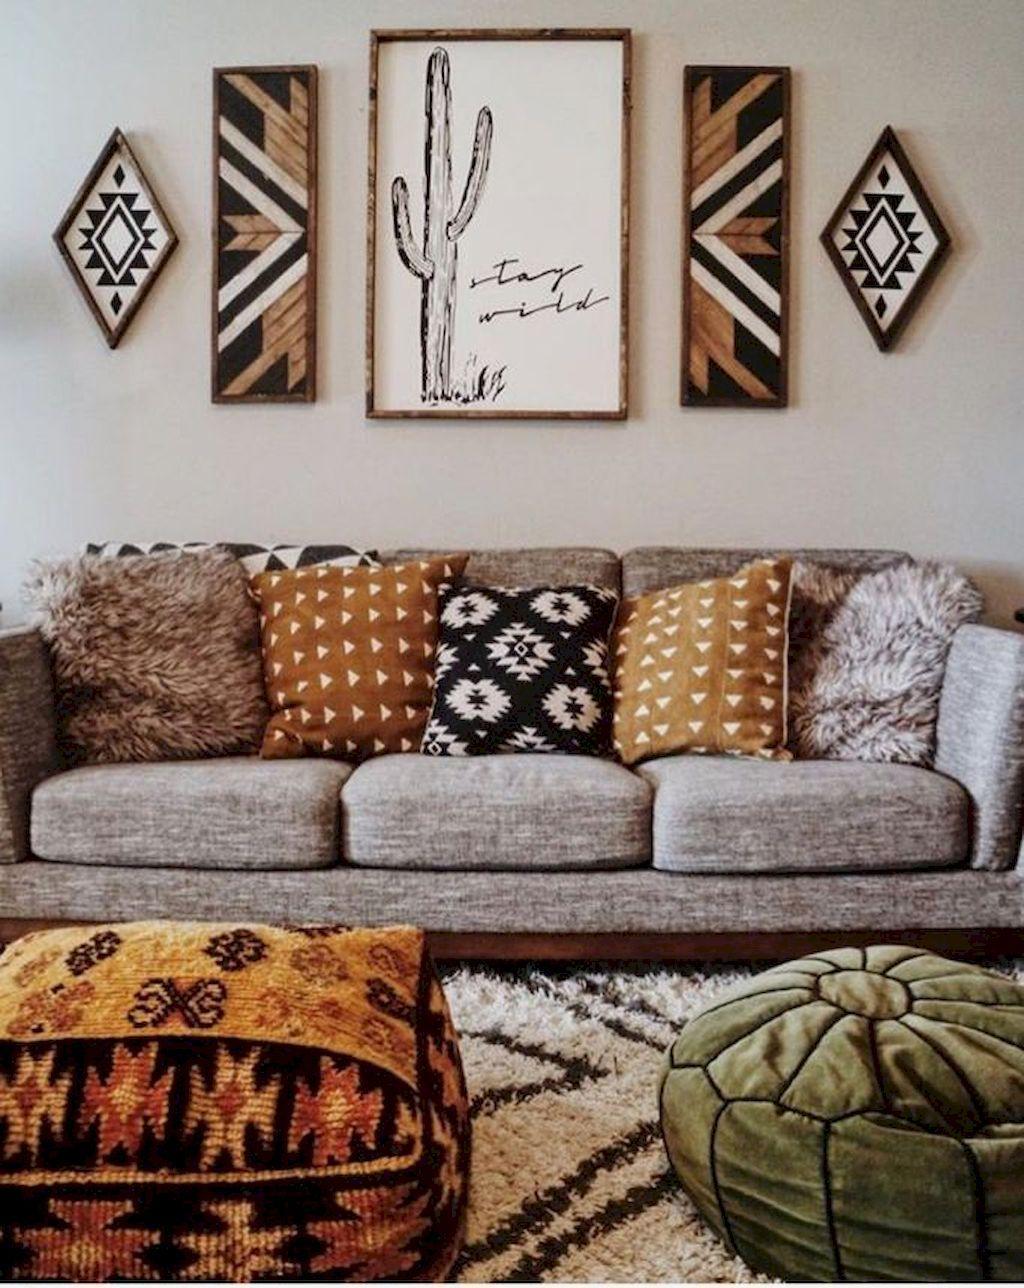 INTERIOR TRENDS | Southwestern Desert style is the New Boho